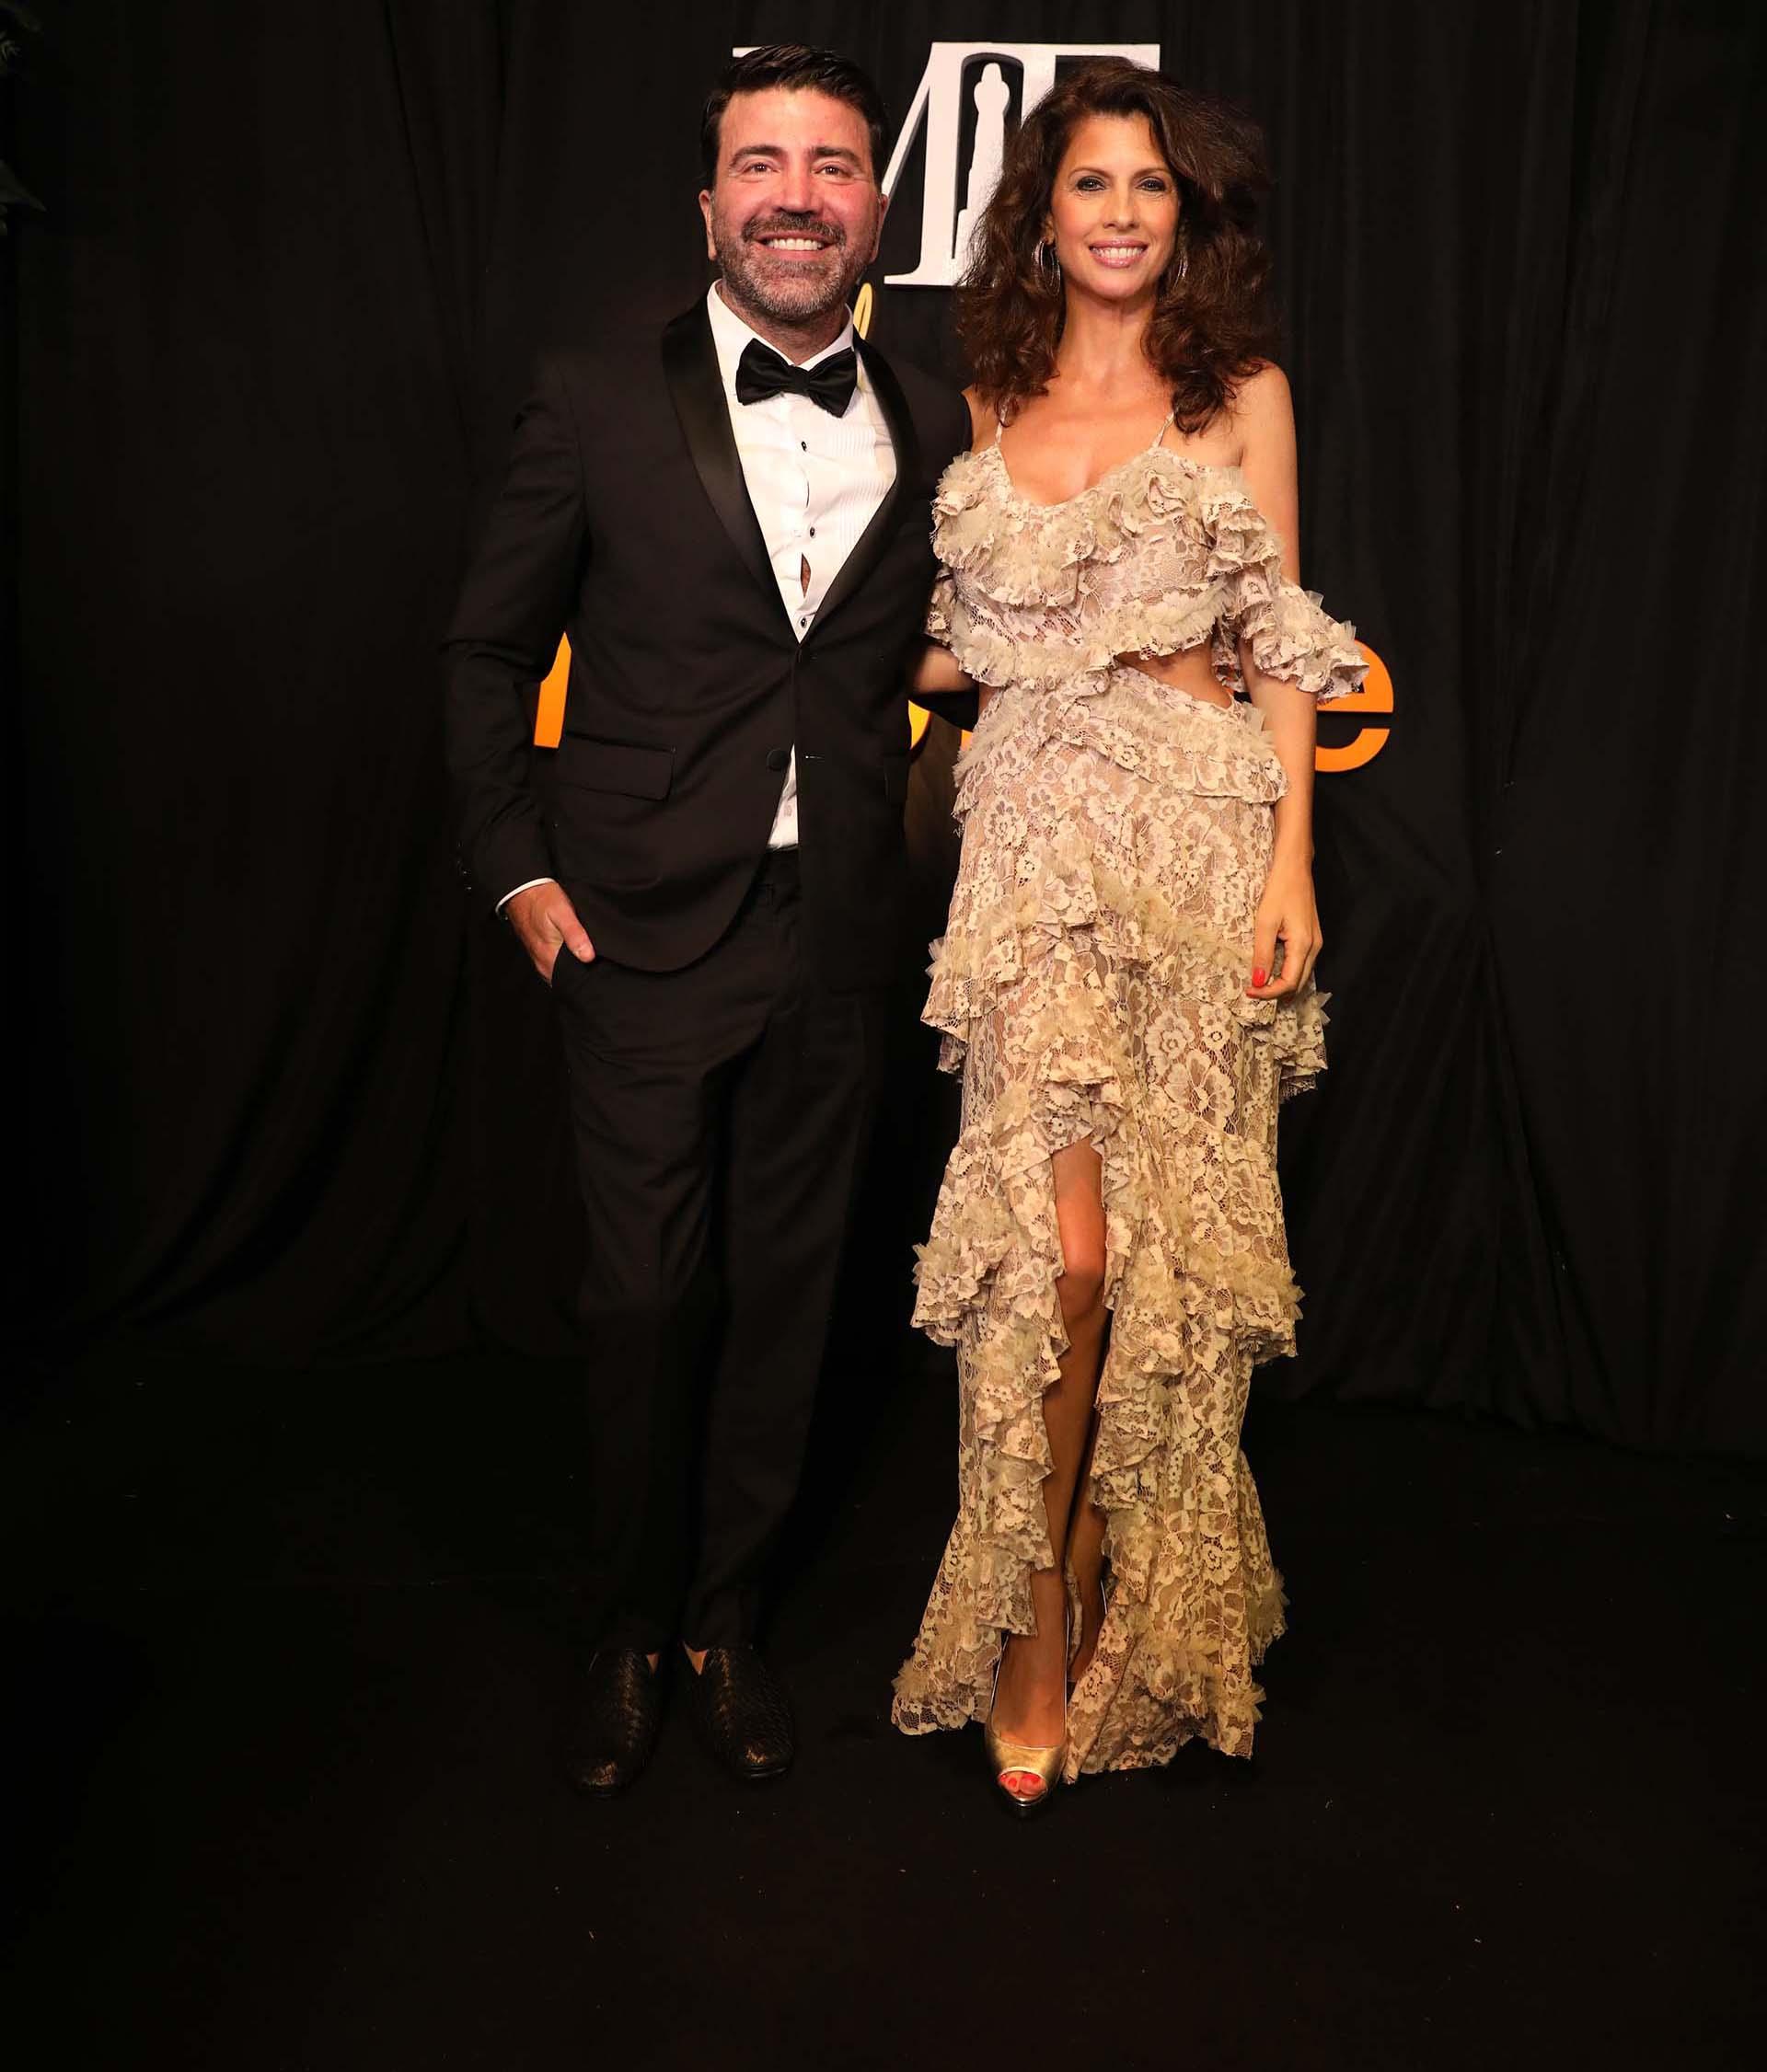 Javier Saiach junto con Analia Maiorana vistiendo uno de sus diseños